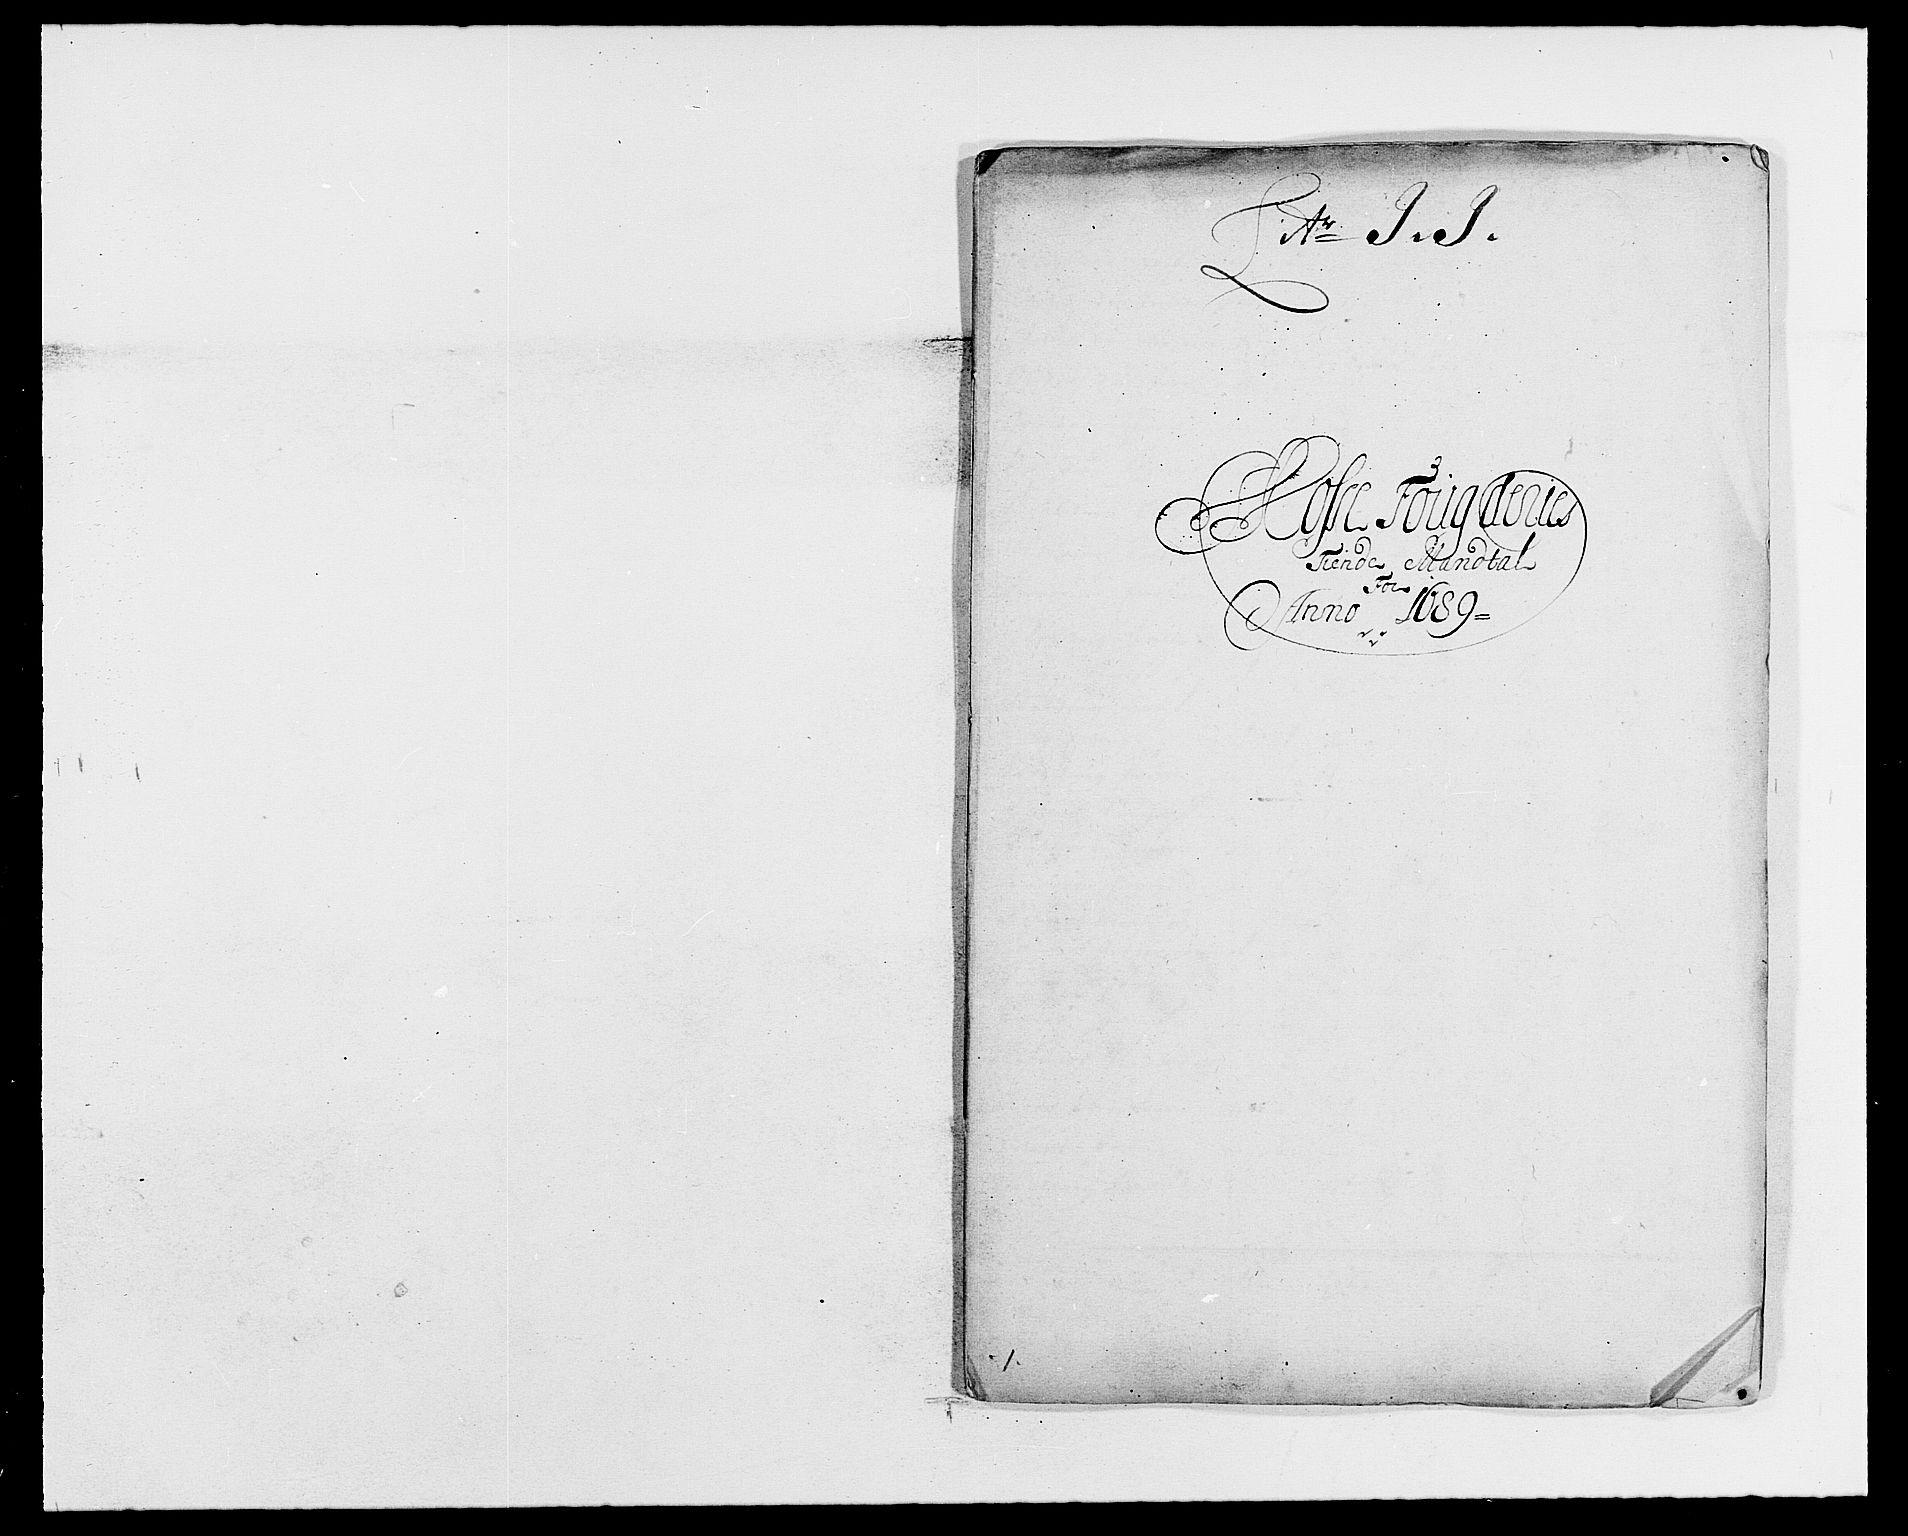 RA, Rentekammeret inntil 1814, Reviderte regnskaper, Fogderegnskap, R02/L0106: Fogderegnskap Moss og Verne kloster, 1688-1691, s. 193